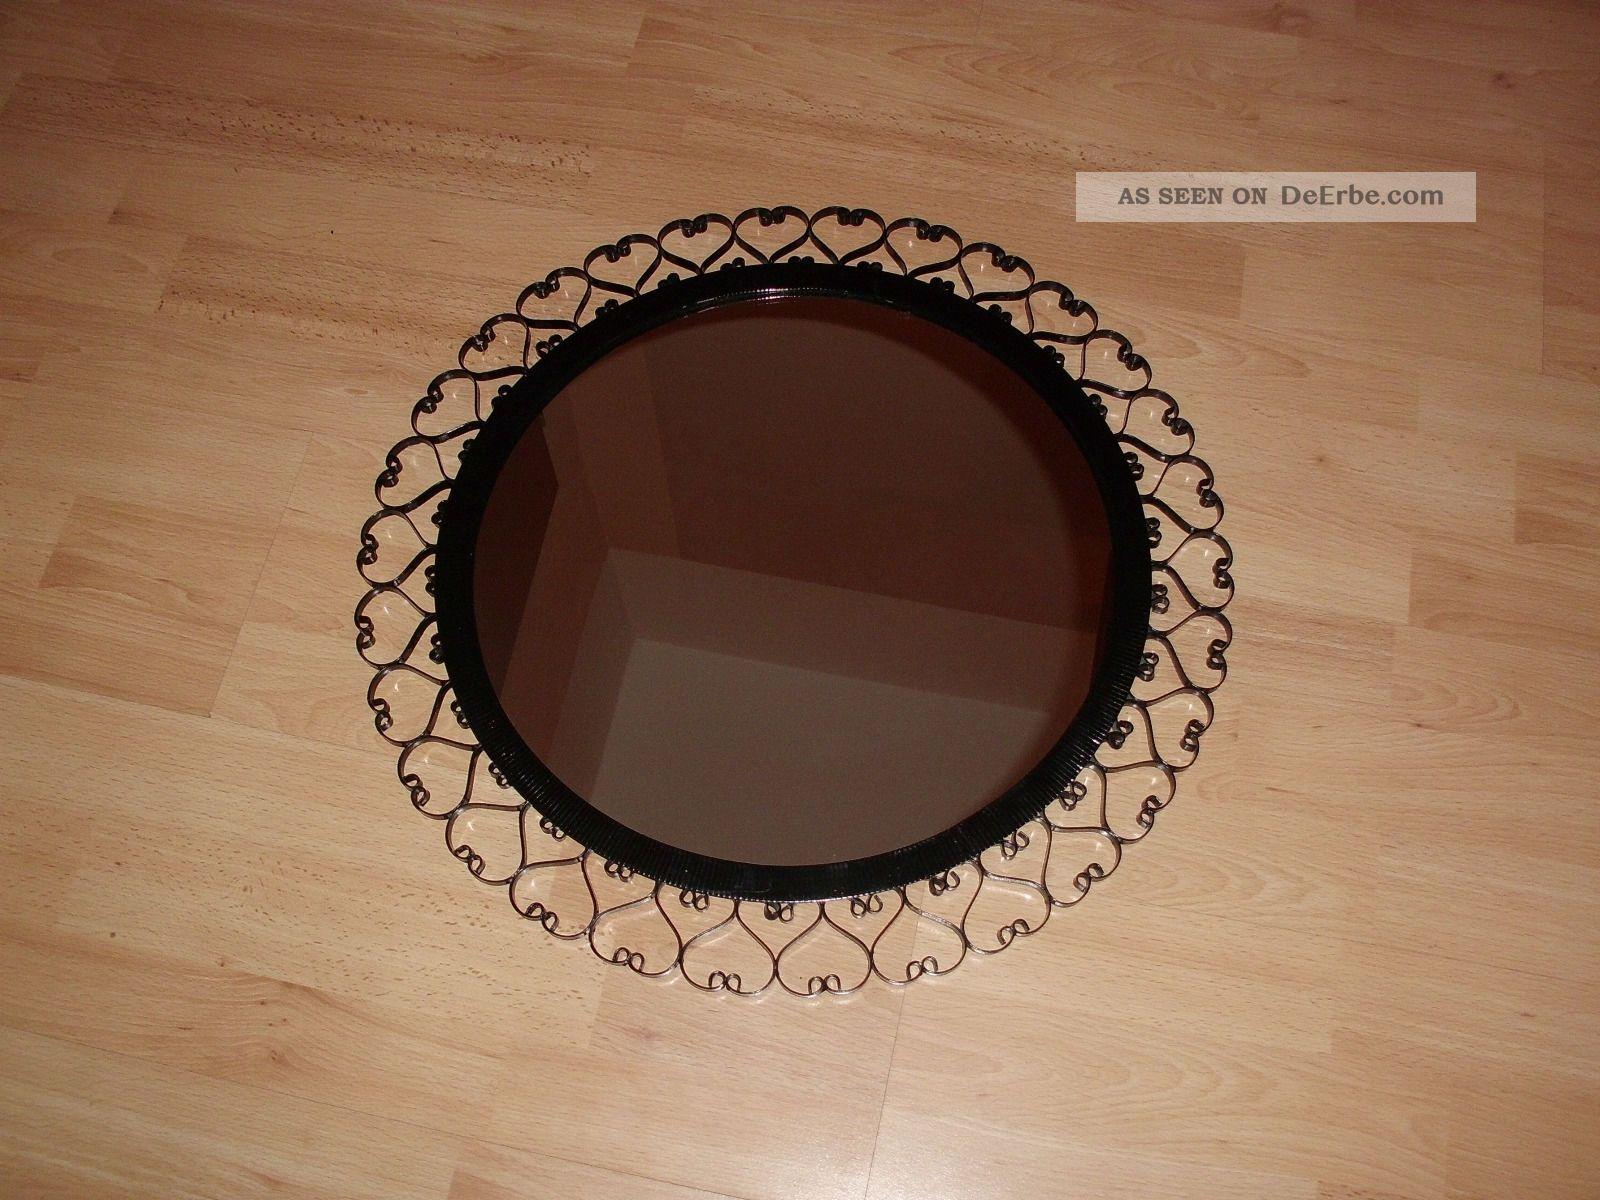 Ddr spiegel wandspiegel garderobenspiegel metallrahmen er retro